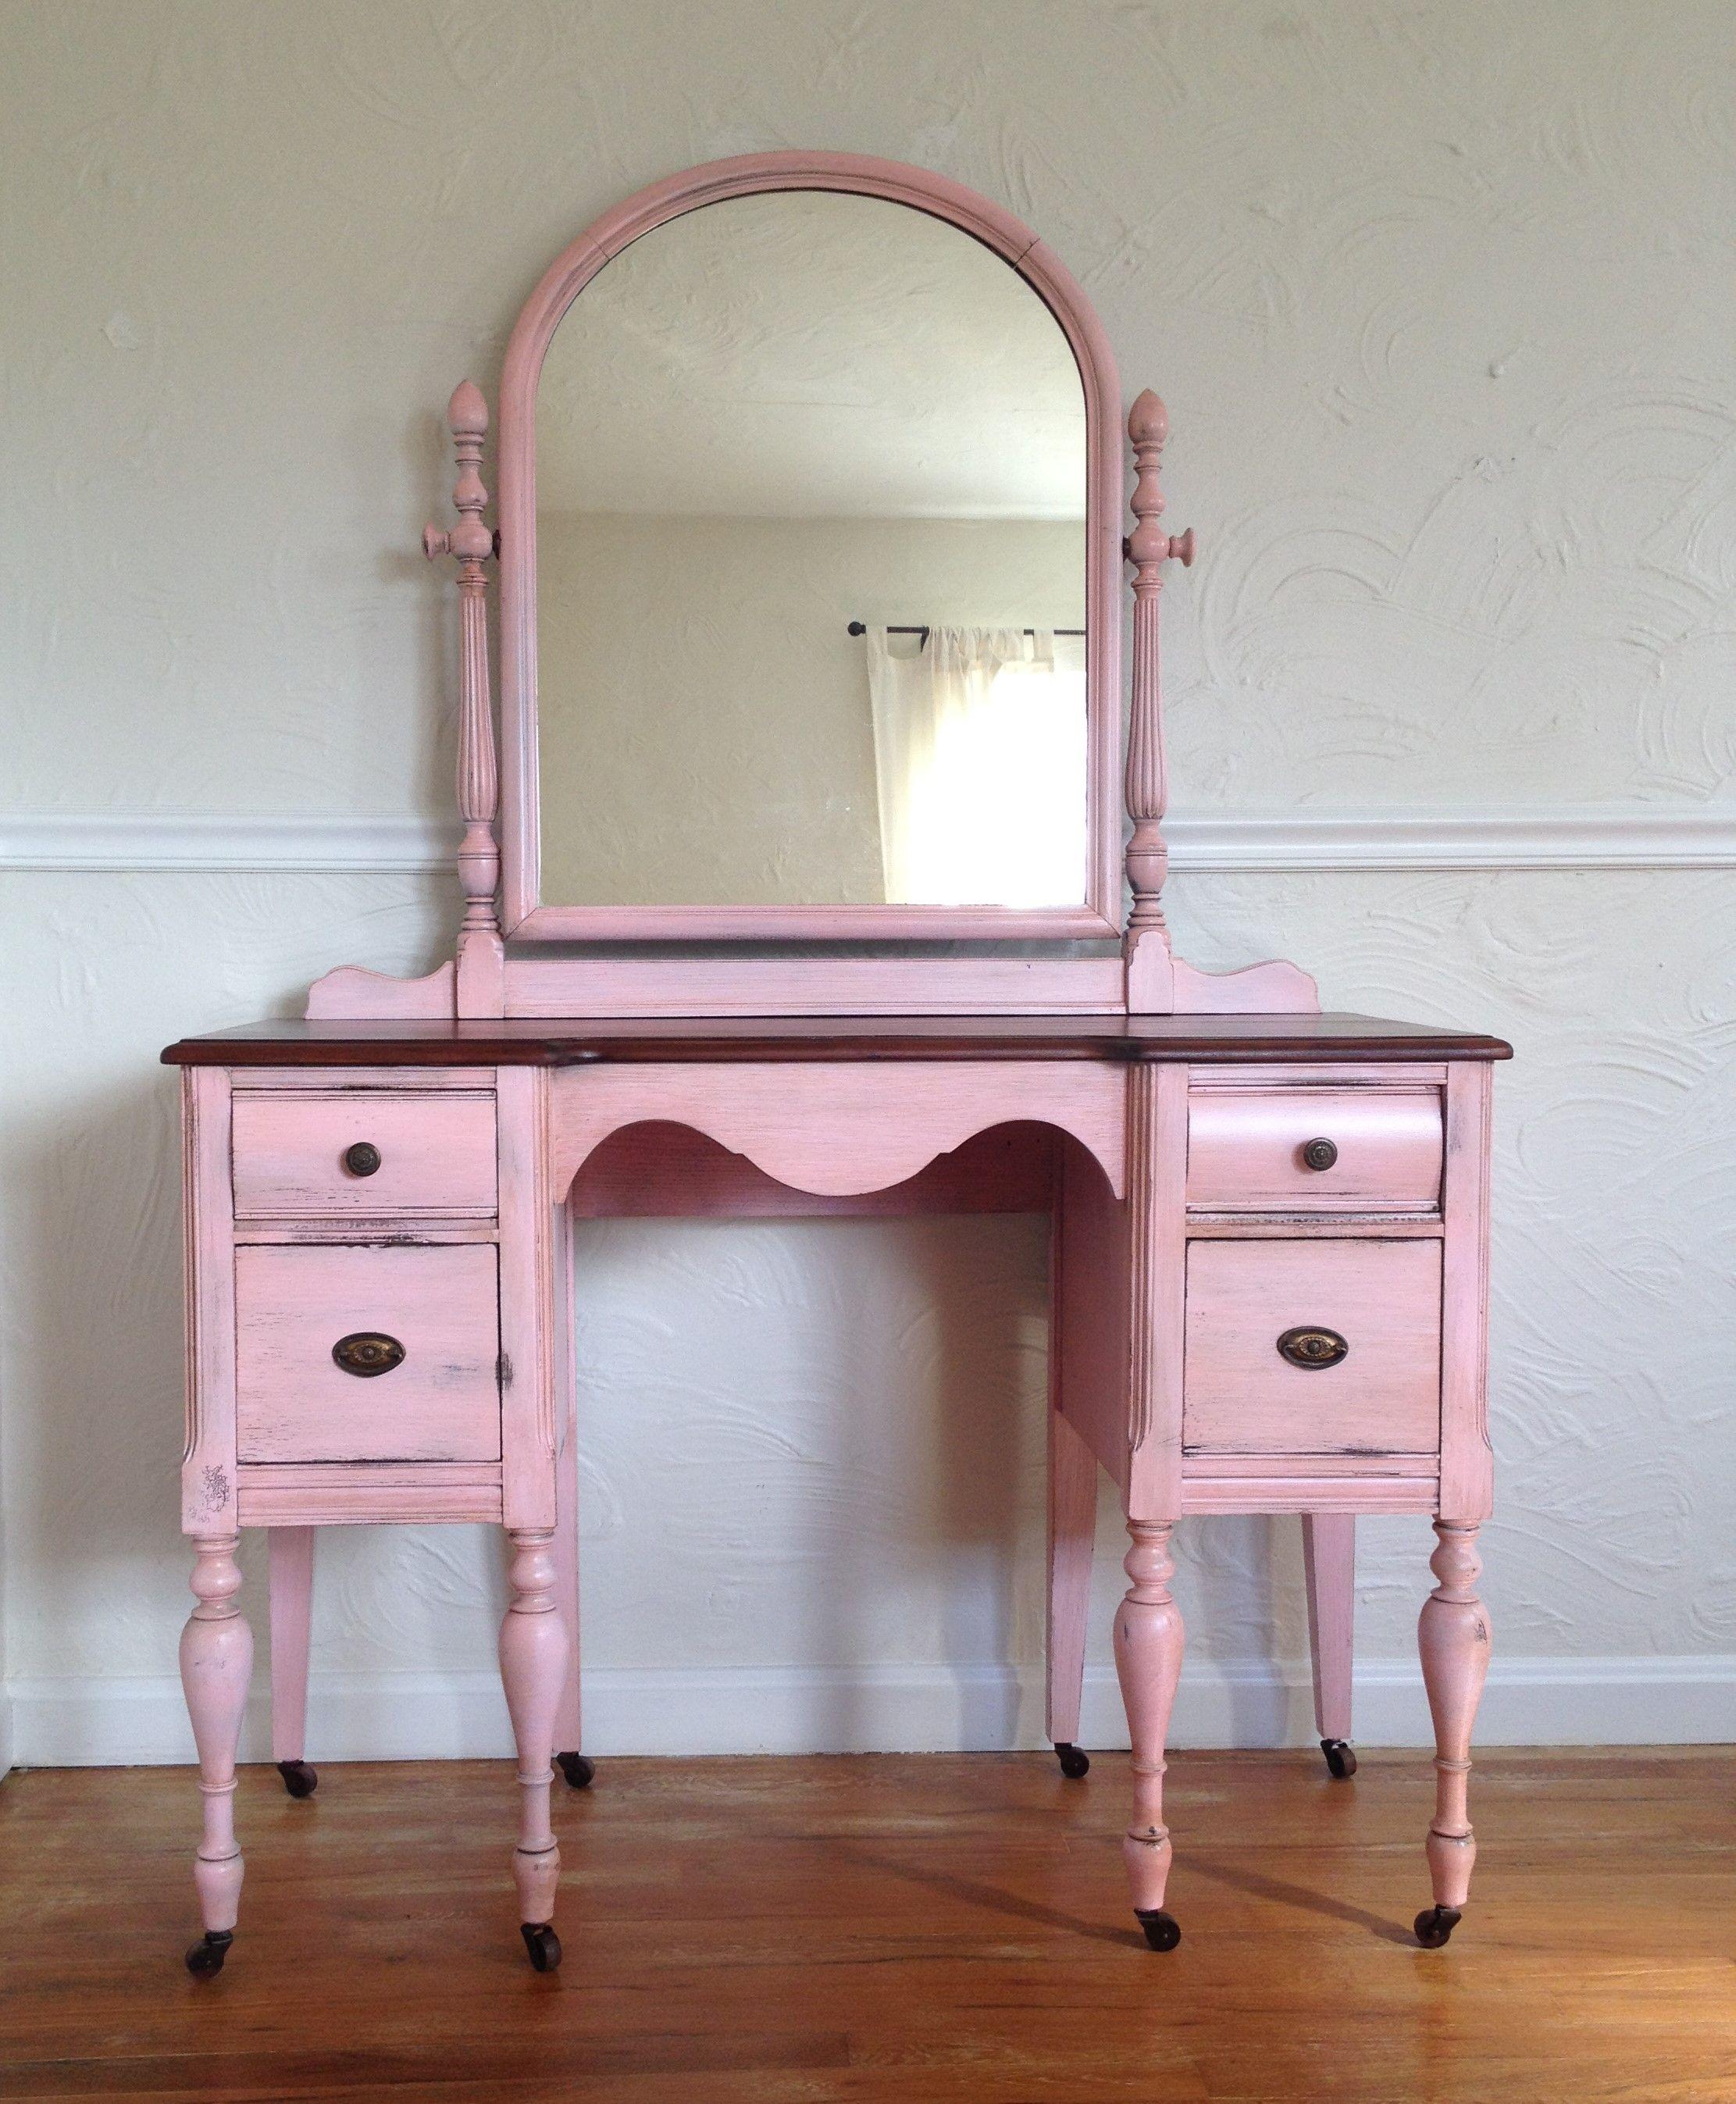 Refurbished Vintage Vanity Dressing Table With Mirror Aged Pink